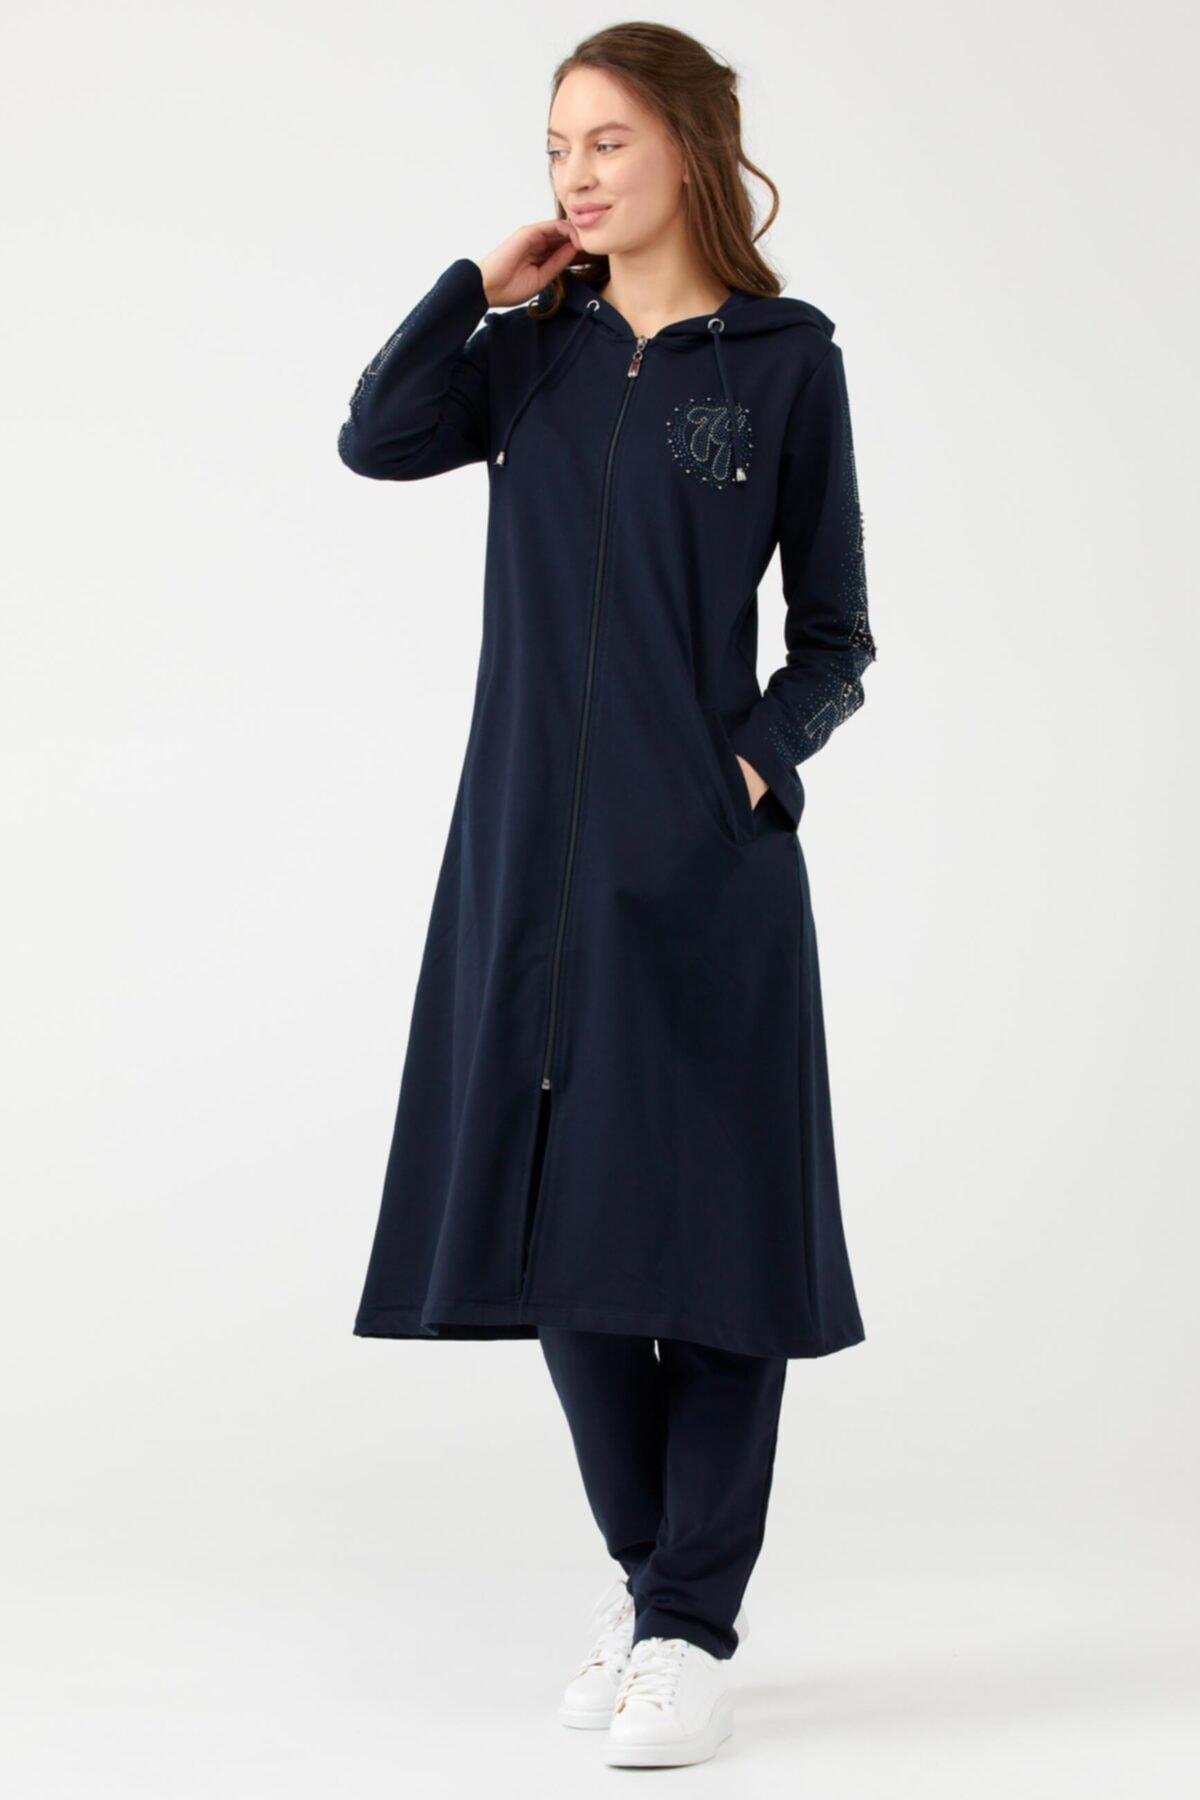 Sementa Kapüşonlu Taş Detayl Fermuarlıı Kadın Tunik - Lacivert 1